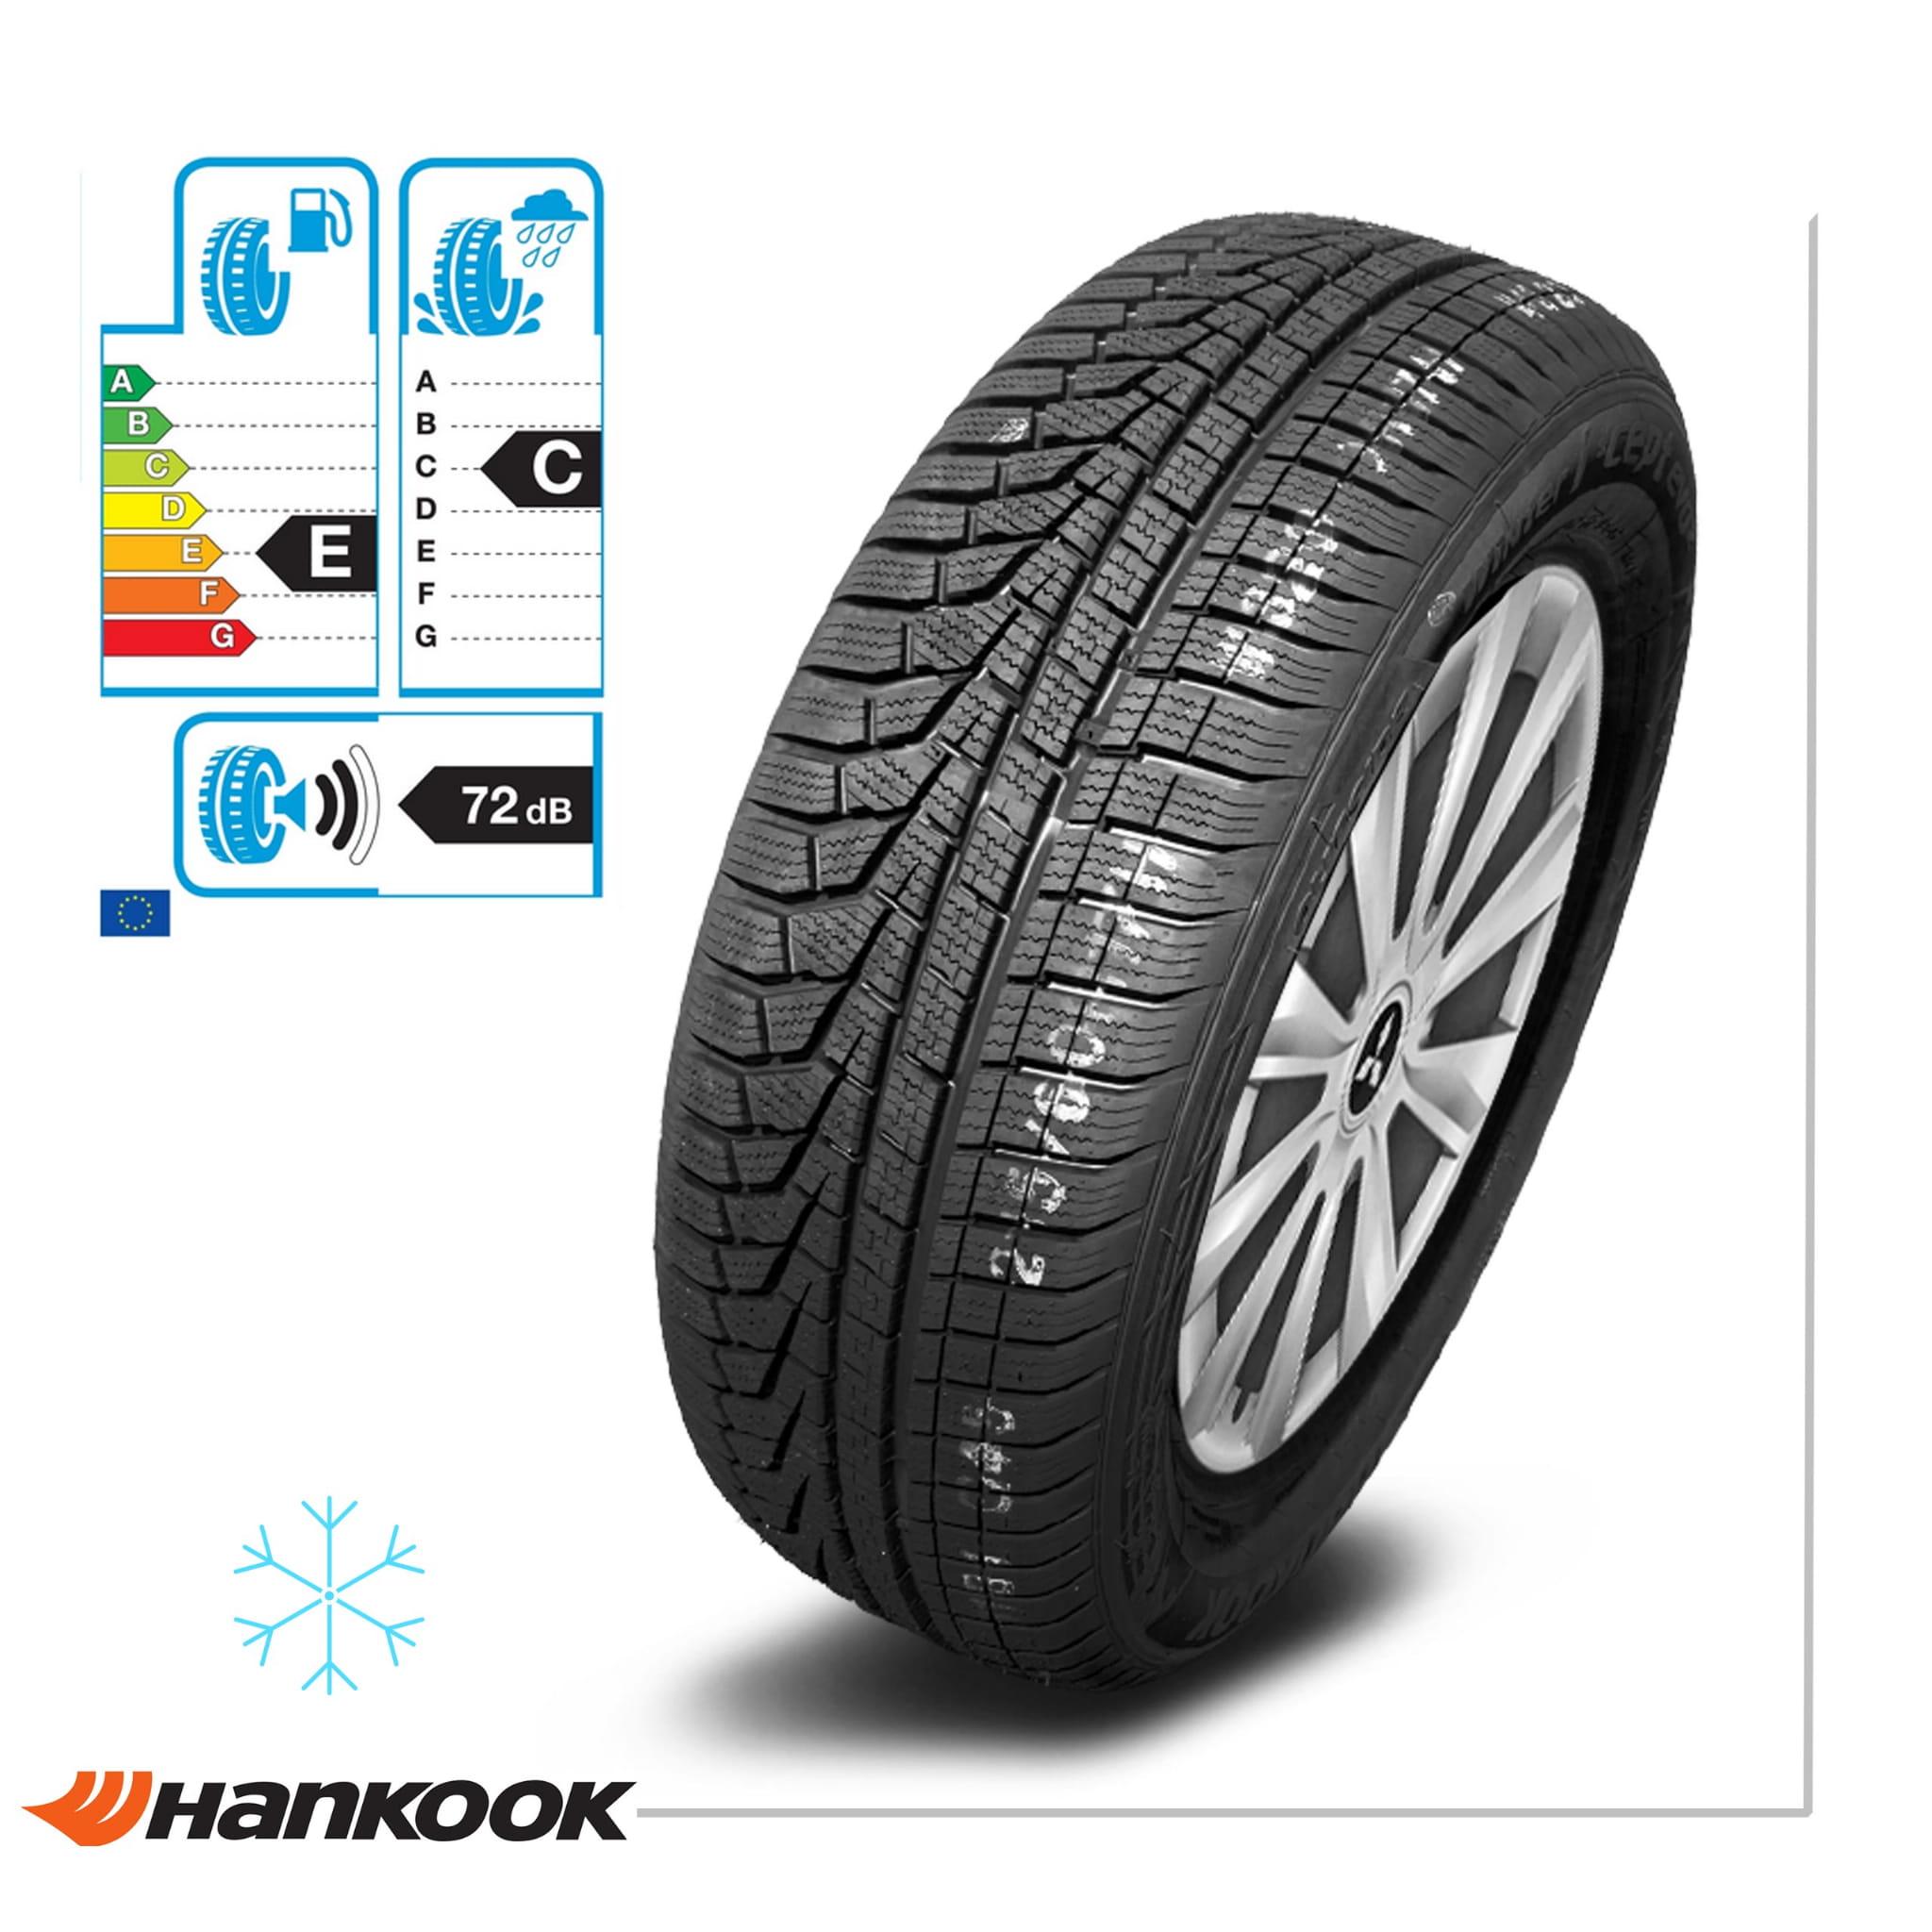 Opony Zimowe Hankook Części I Akcesoria Motoryzacyjne Sklep Online